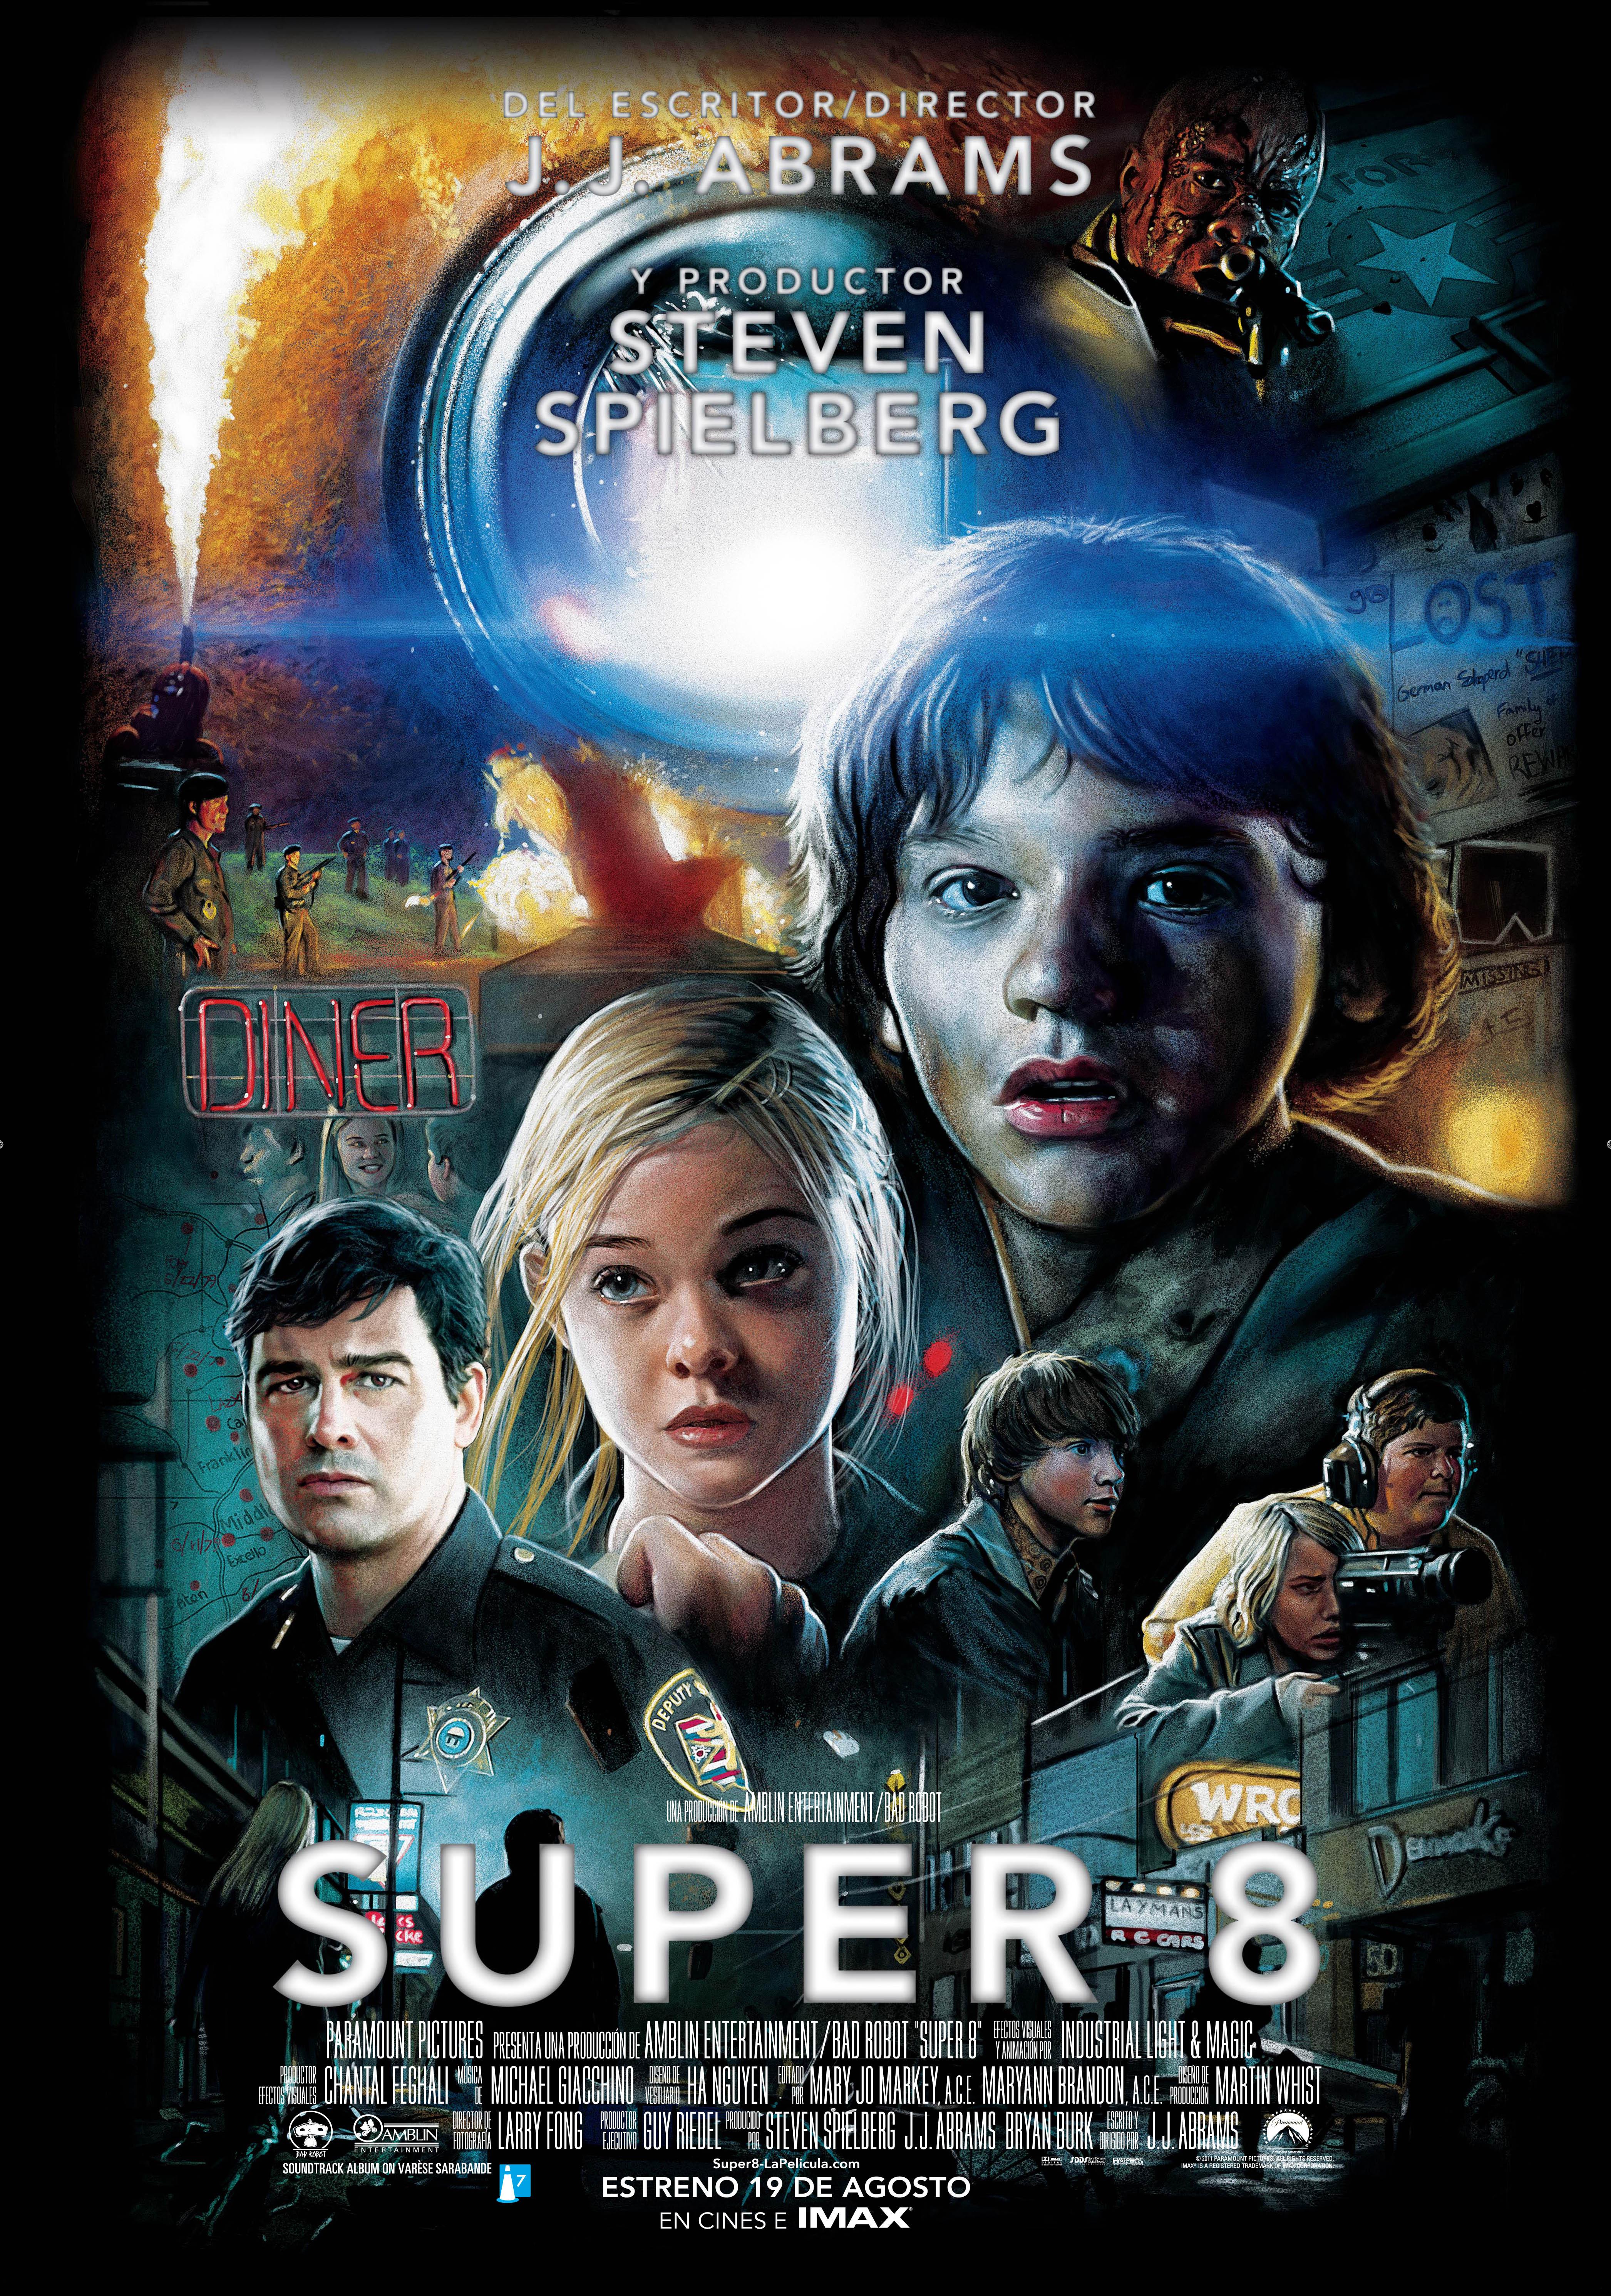 смотреть фильмы супер 8: